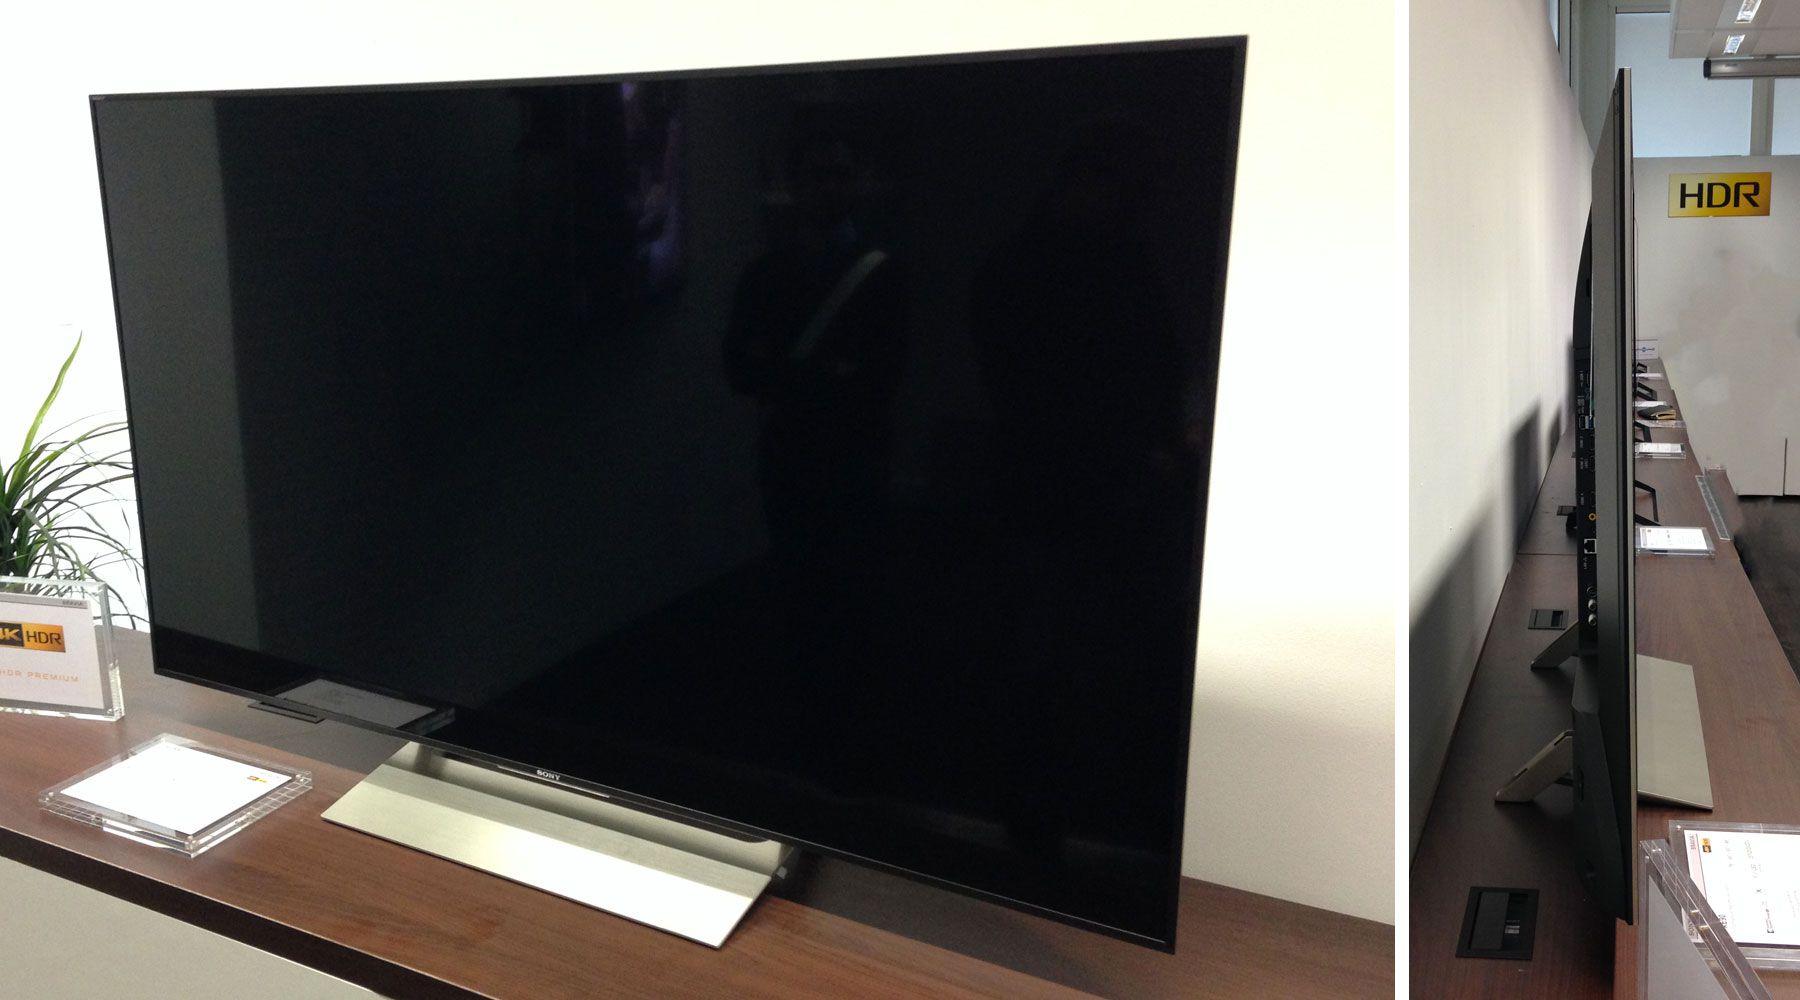 sony kd-55xe9005, un téléviseur lcd full led plus abordable